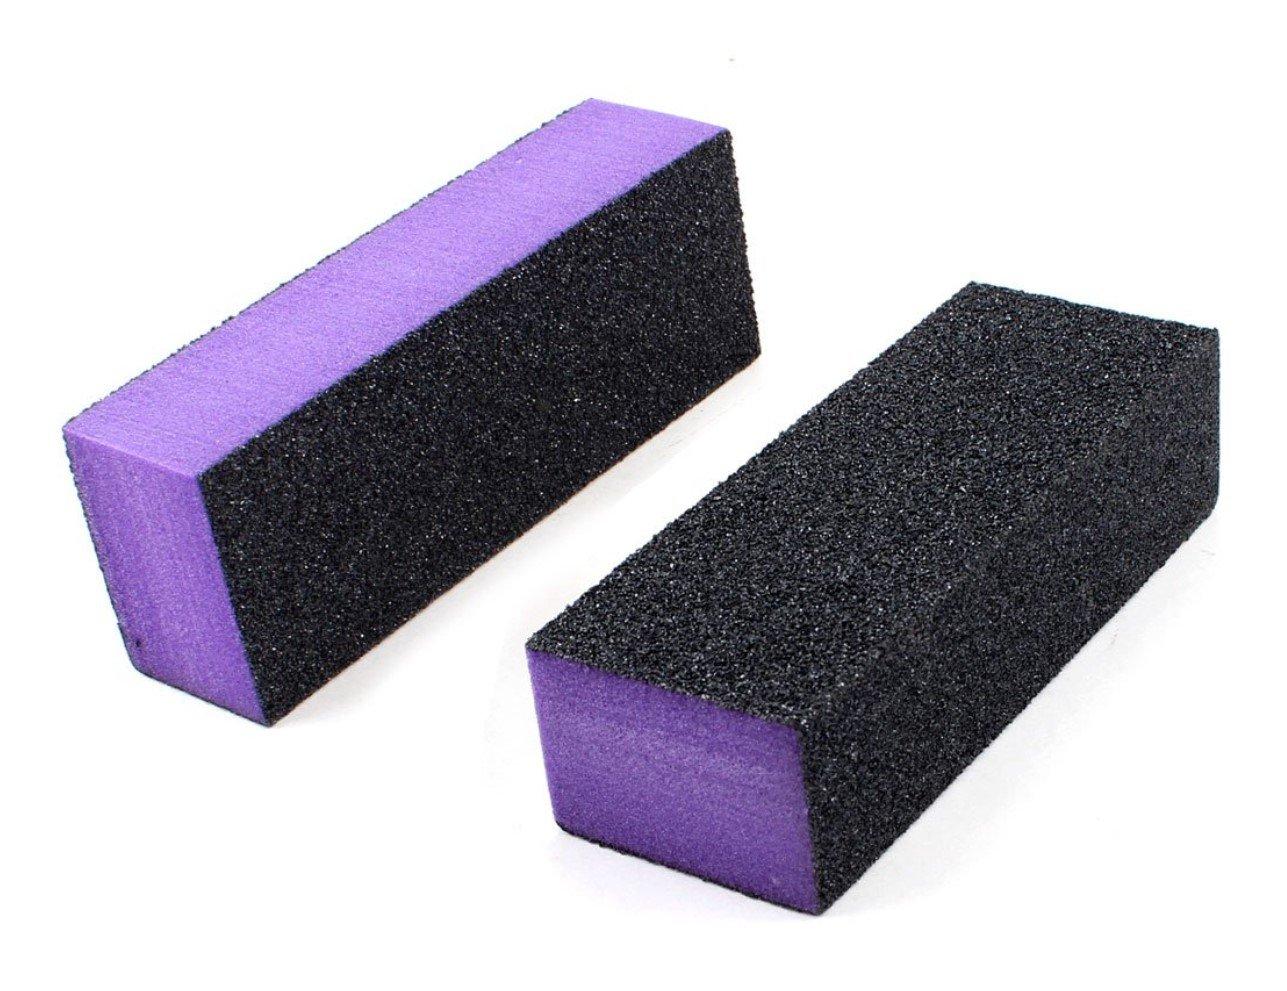 12Unidades de 3seitige alta calidad bloques lijado para limas para manicura y uñas Dermastil